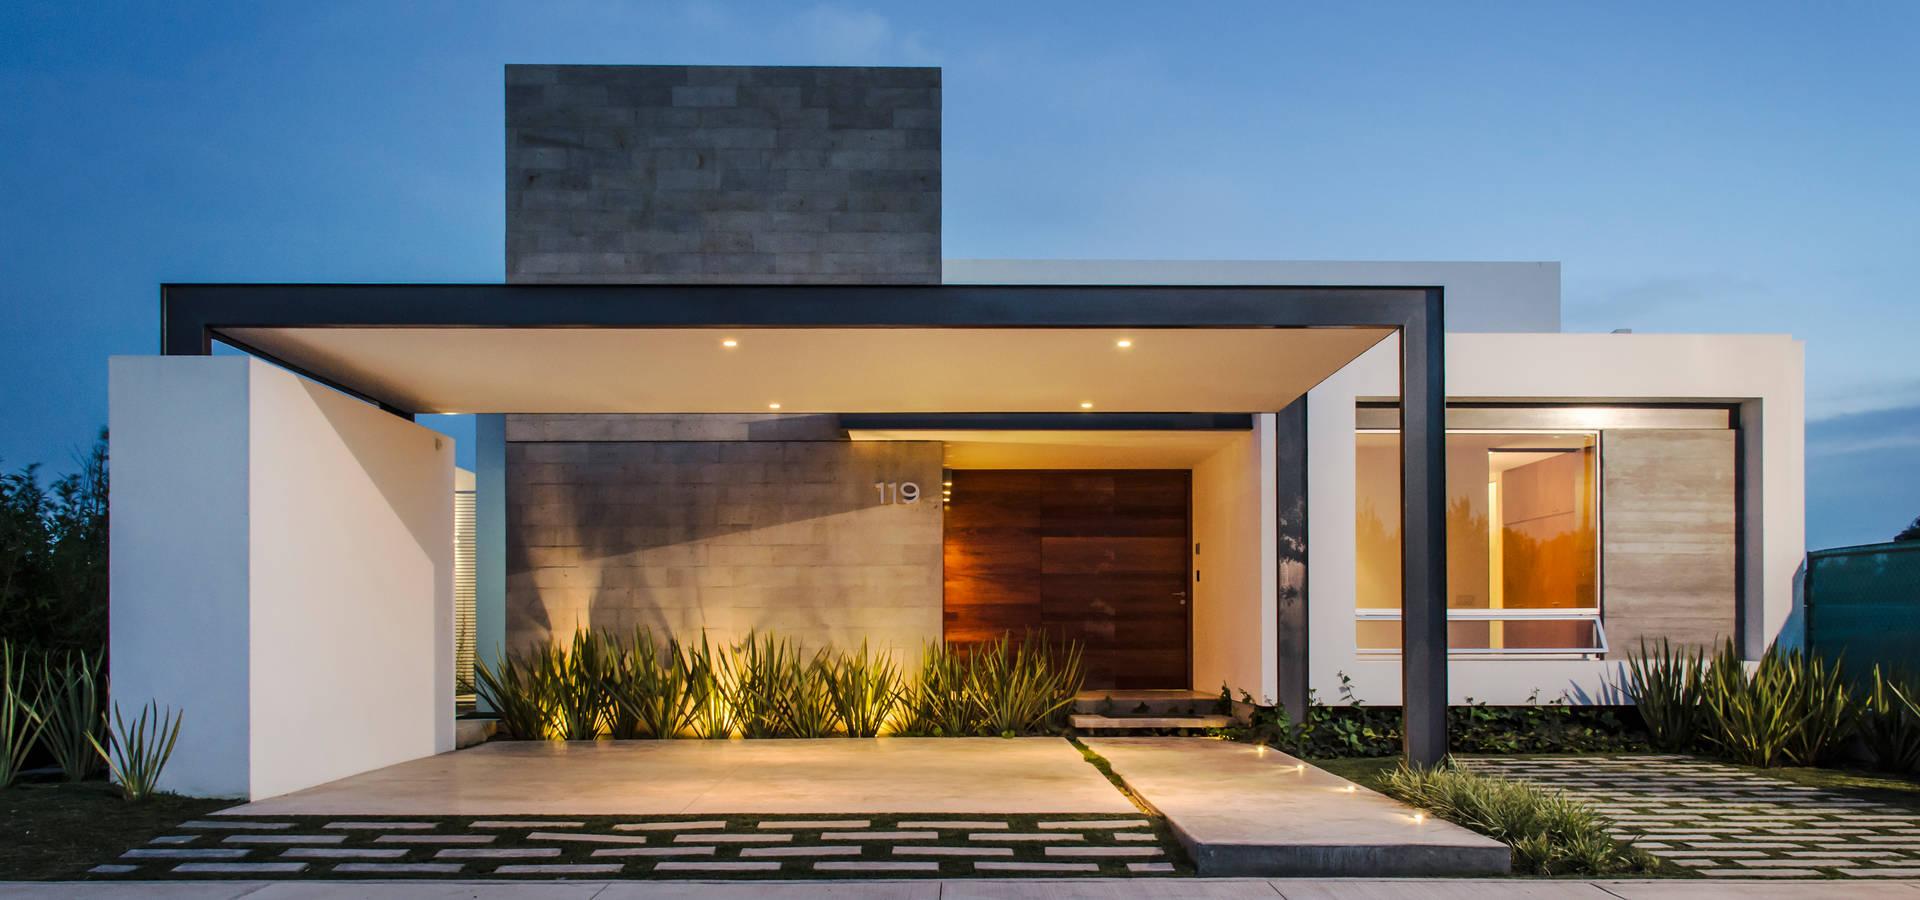 Adi arquitectura y dise o interior arquitectos en - Diseno y arquitectura ...